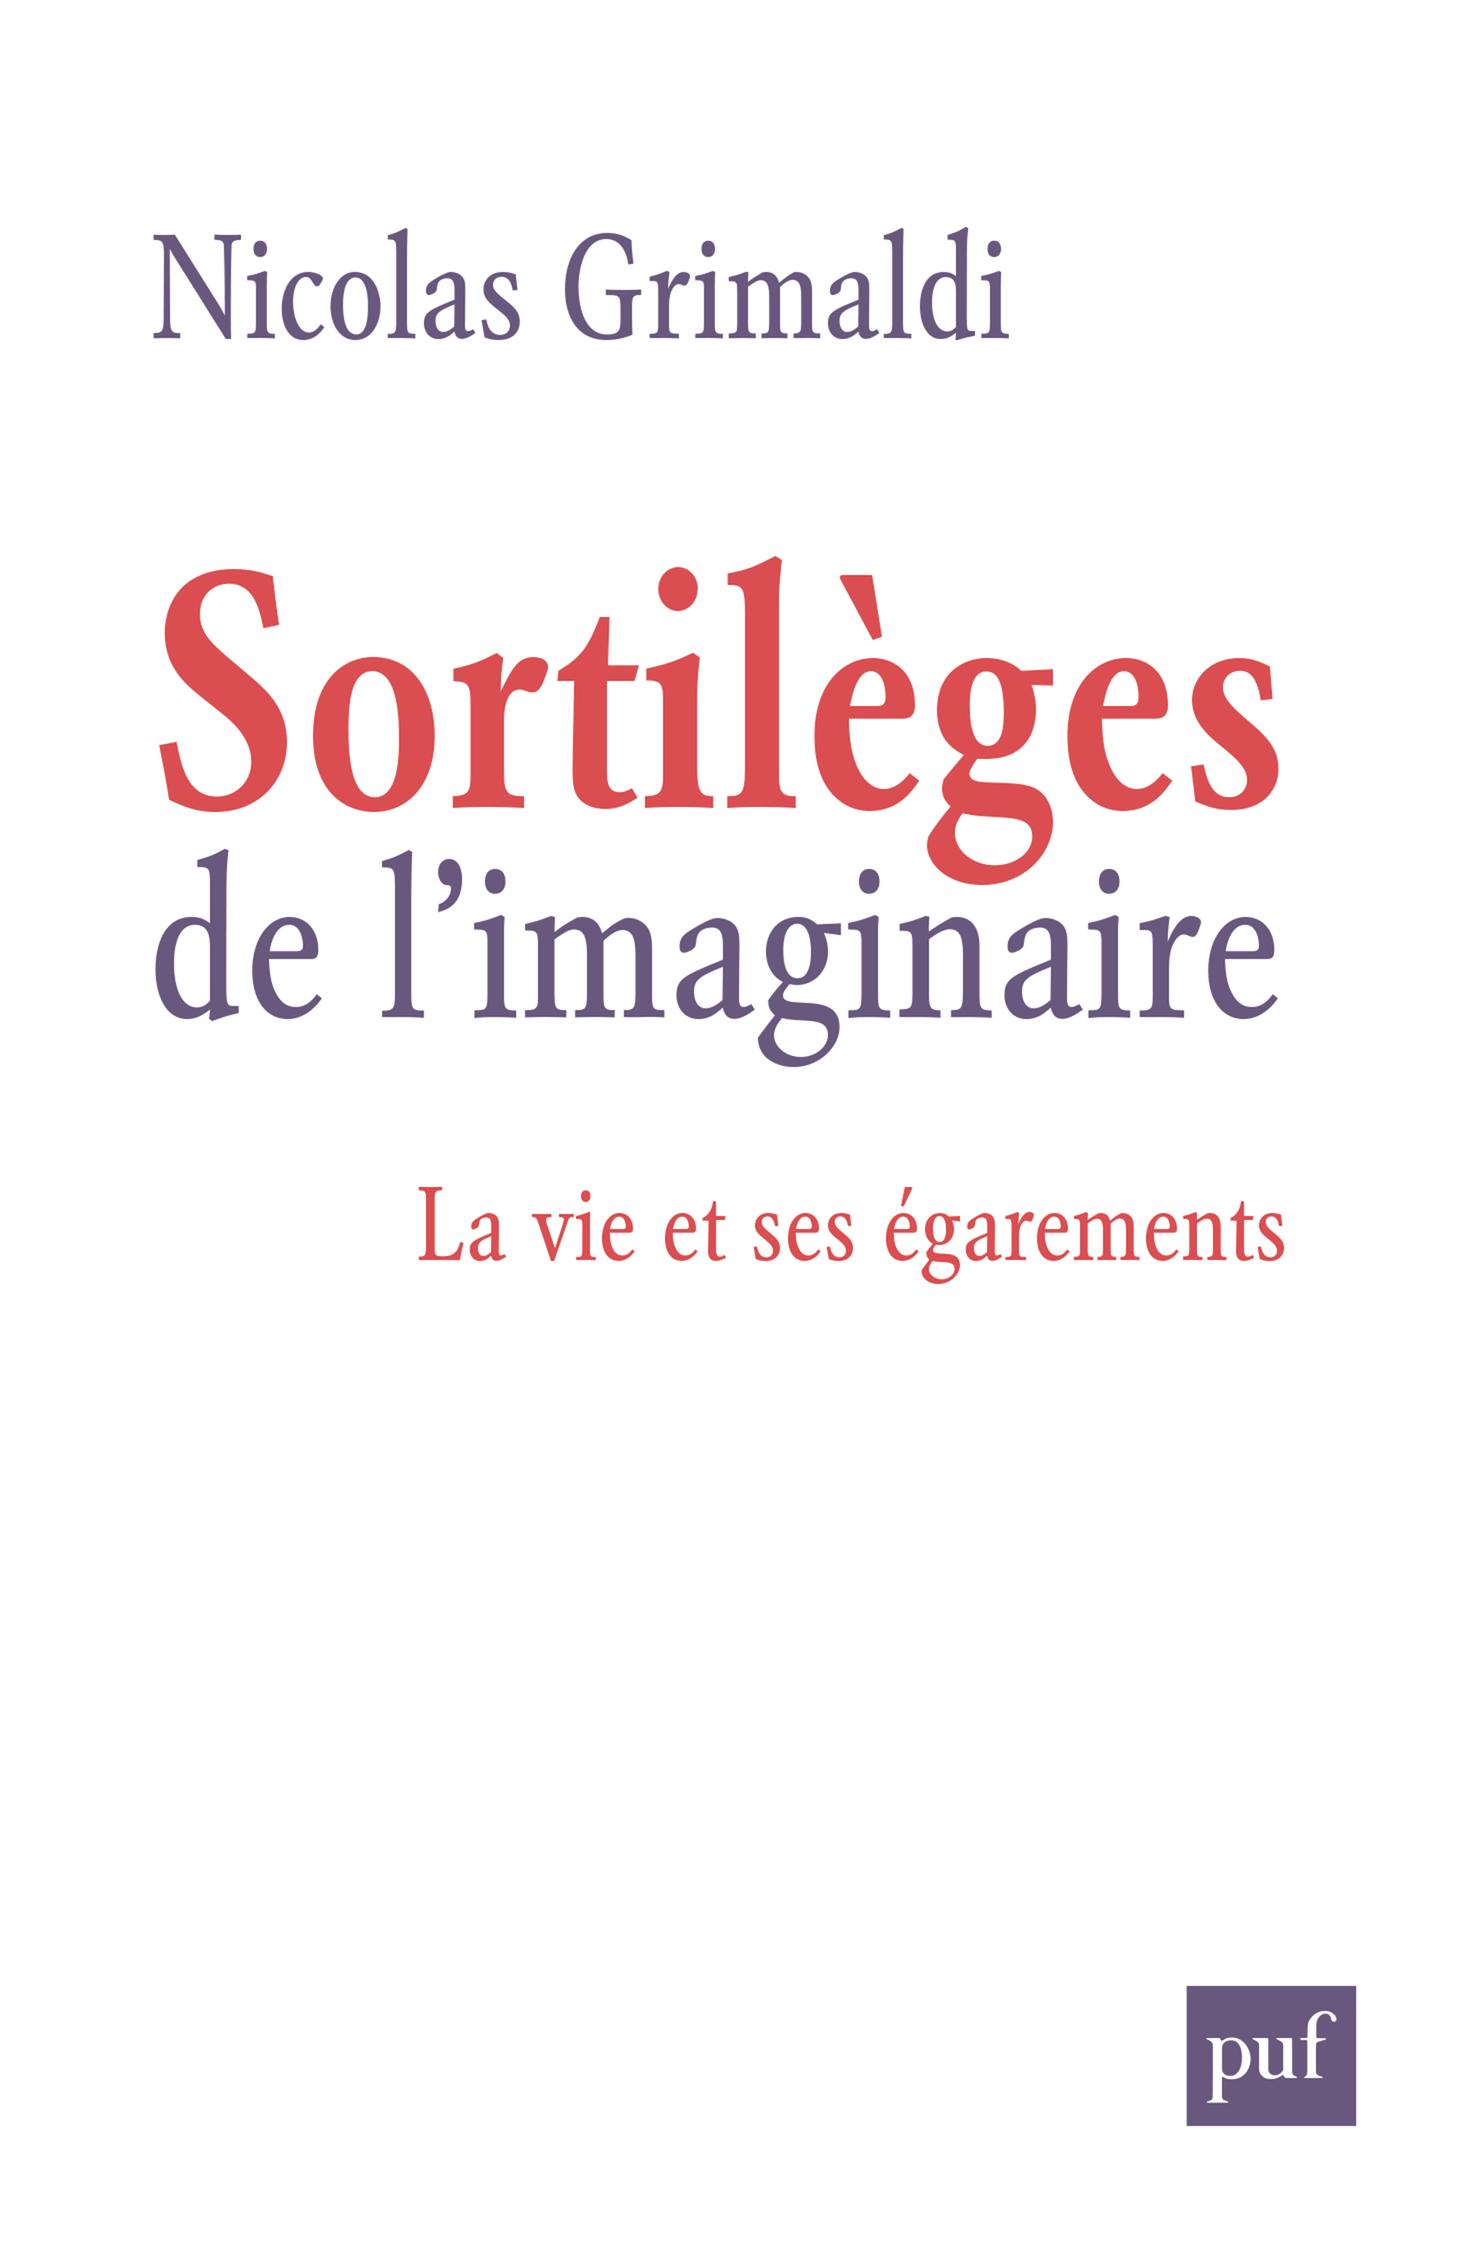 SORTILEGES DE L'IMAGINAIRE - LA VIE ET SES EGAREMENTS